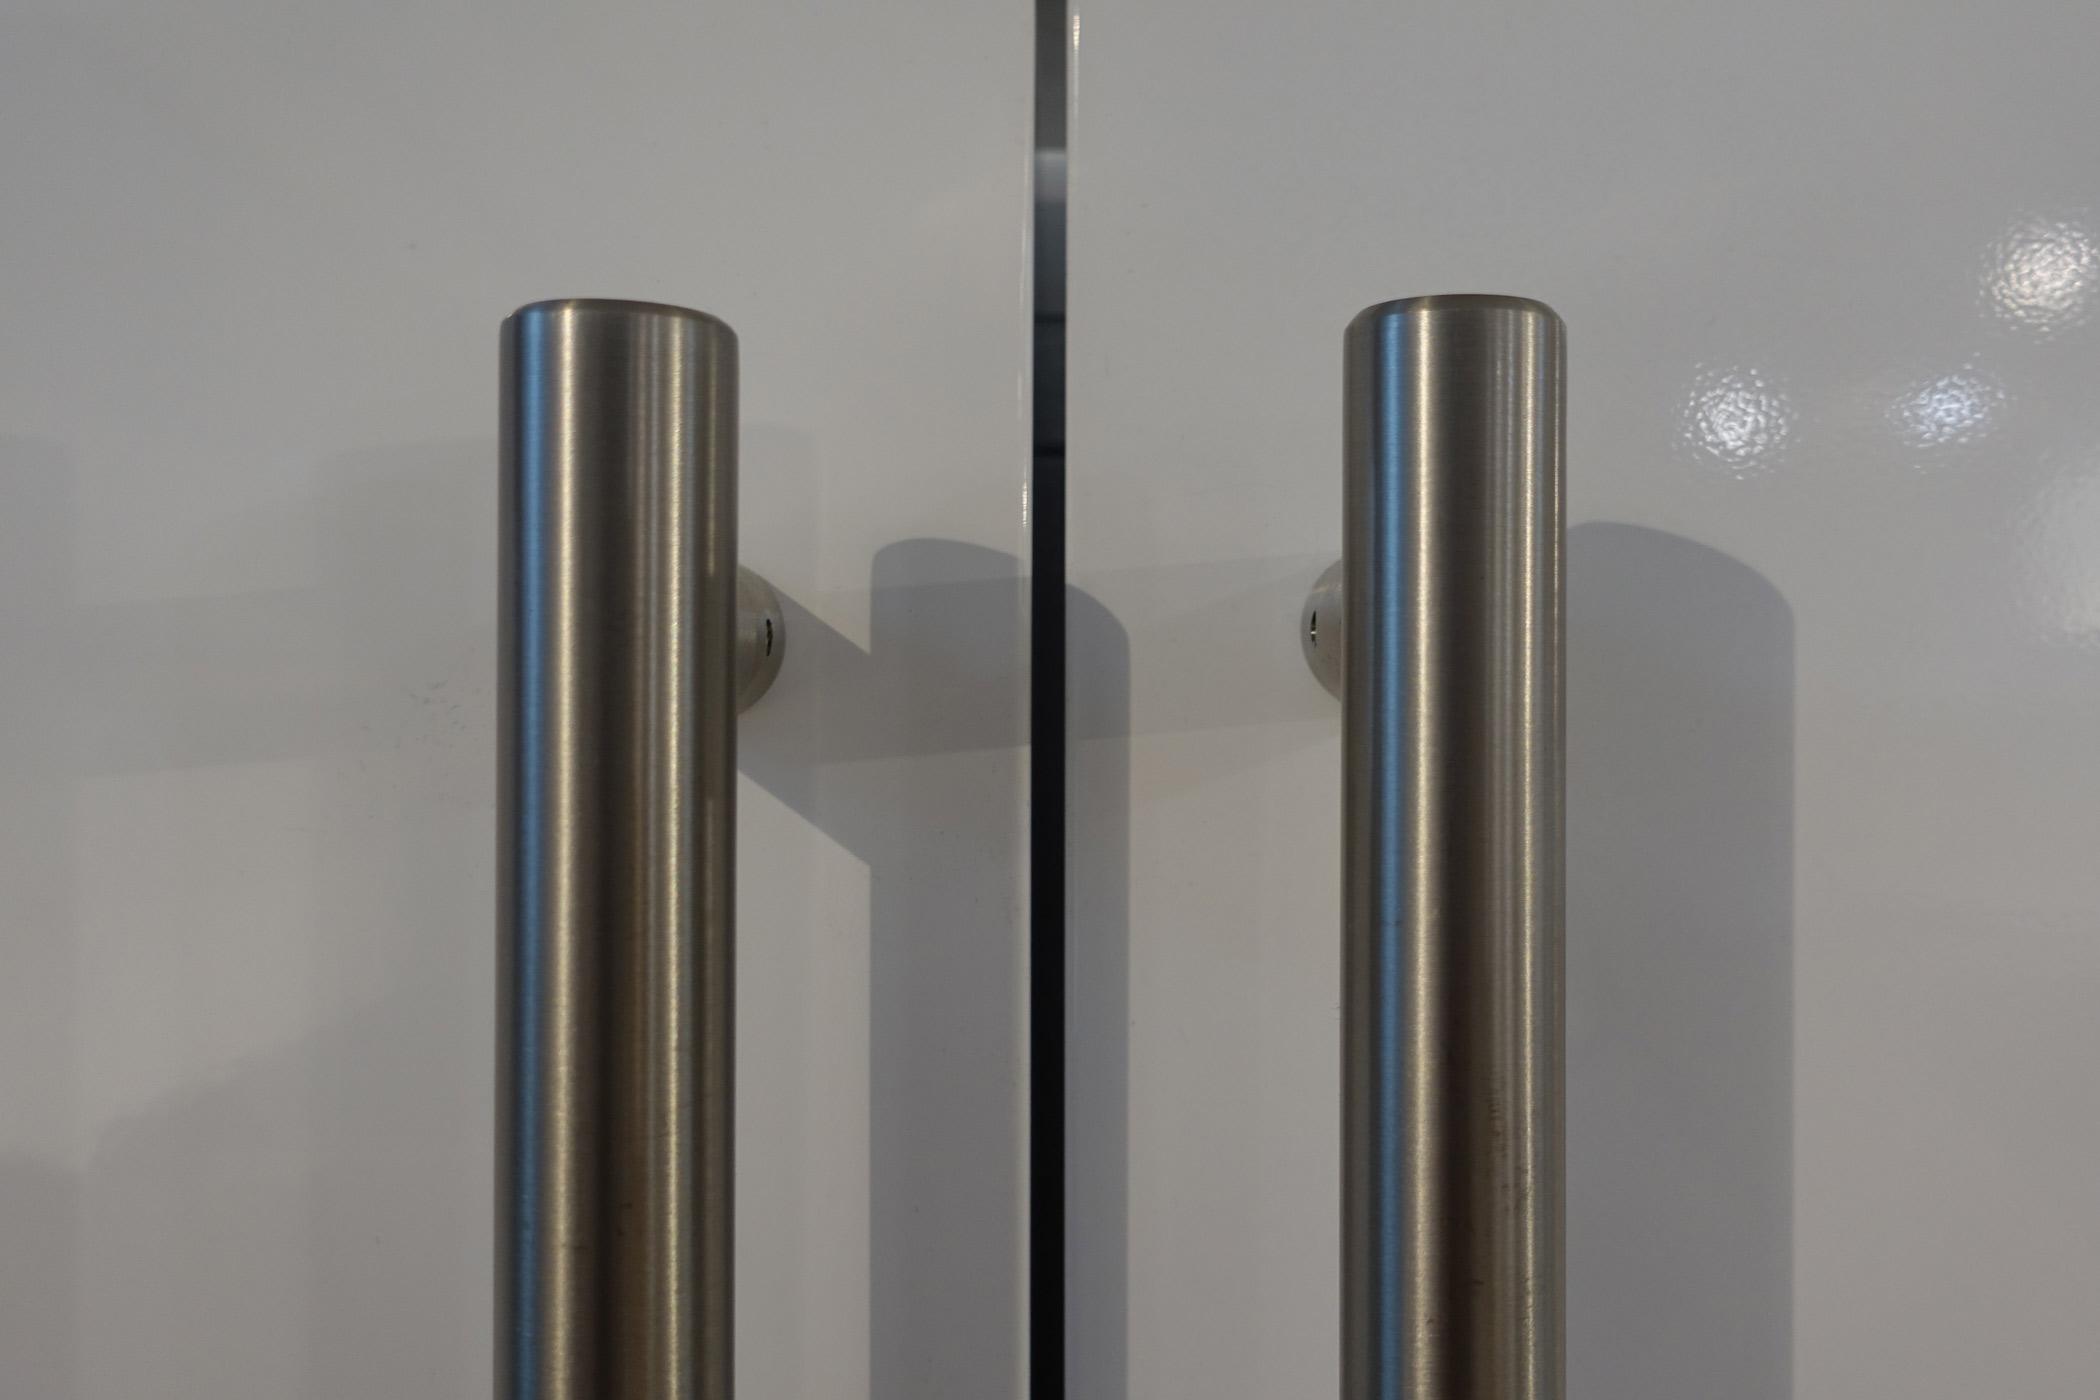 Amerikanischer Kühlschrank Farbig : O f classic side by side kühlschrank mit dispenser welter